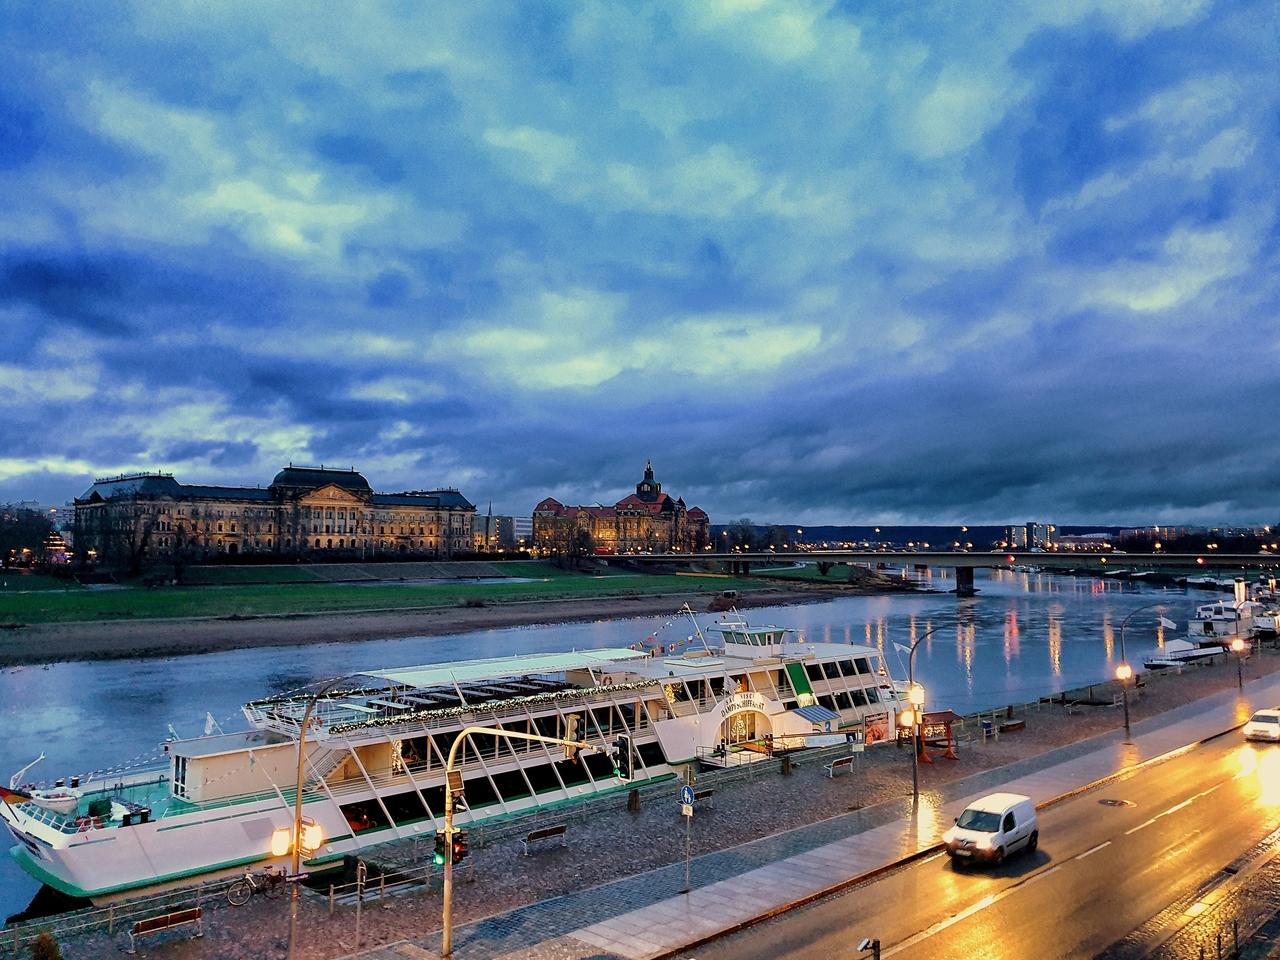 Historyczna Dolina Łaby w Dreźnie. Niewiele osób wie, że znajdowała się na liście światowego dziedzictwa UNESCO, została z niej jednak usunięta a wszystko za sprawą jednego mostu.